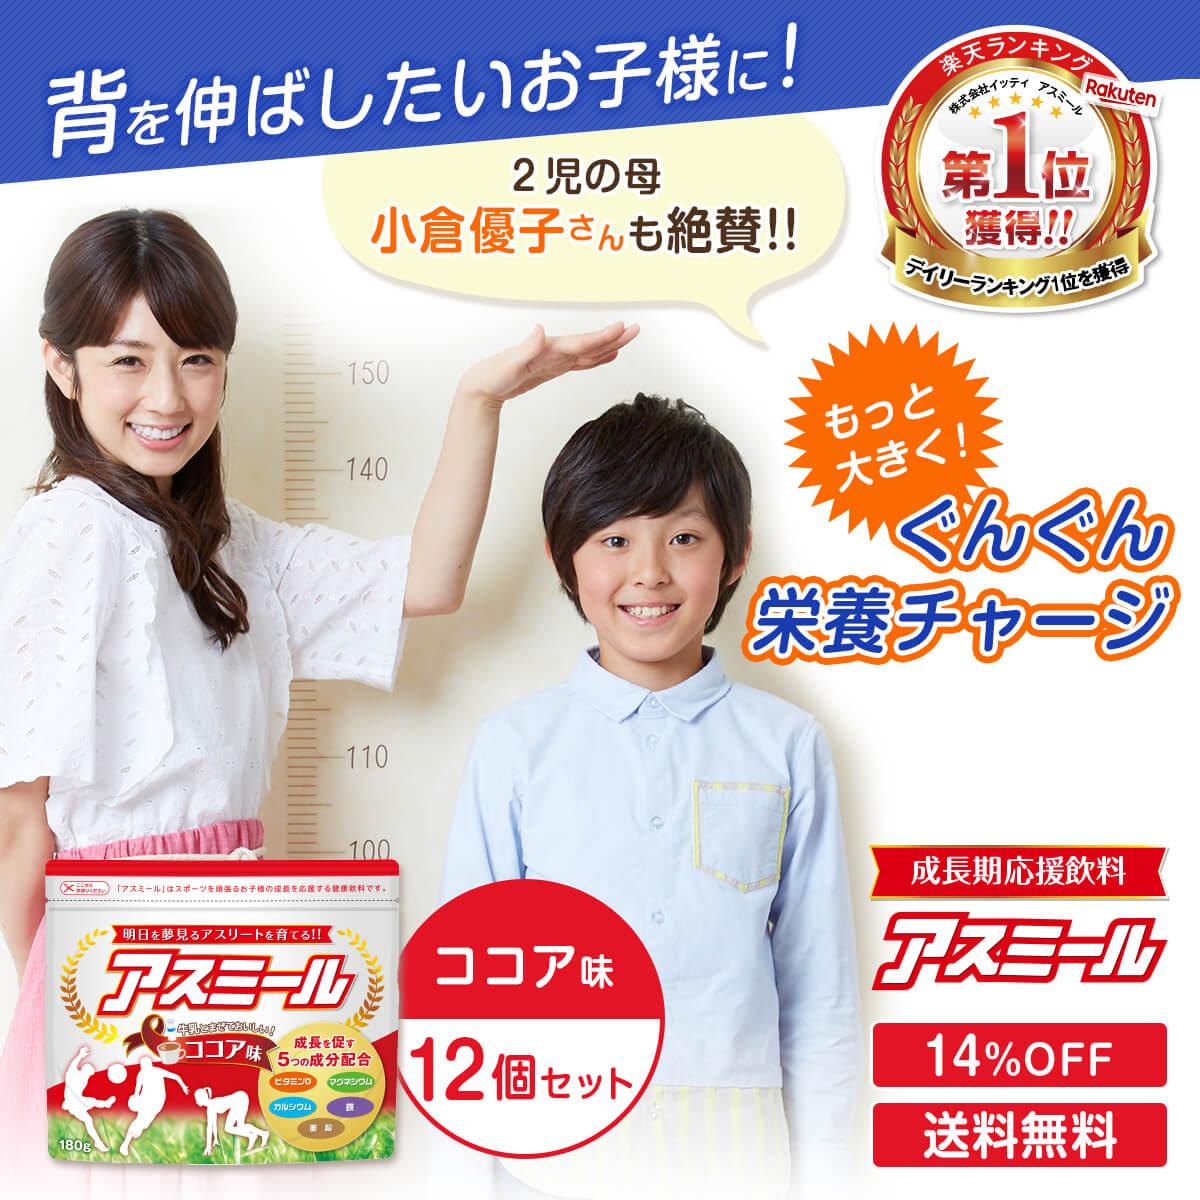 お子様の成長期応援飲料【アスミール】12個セット